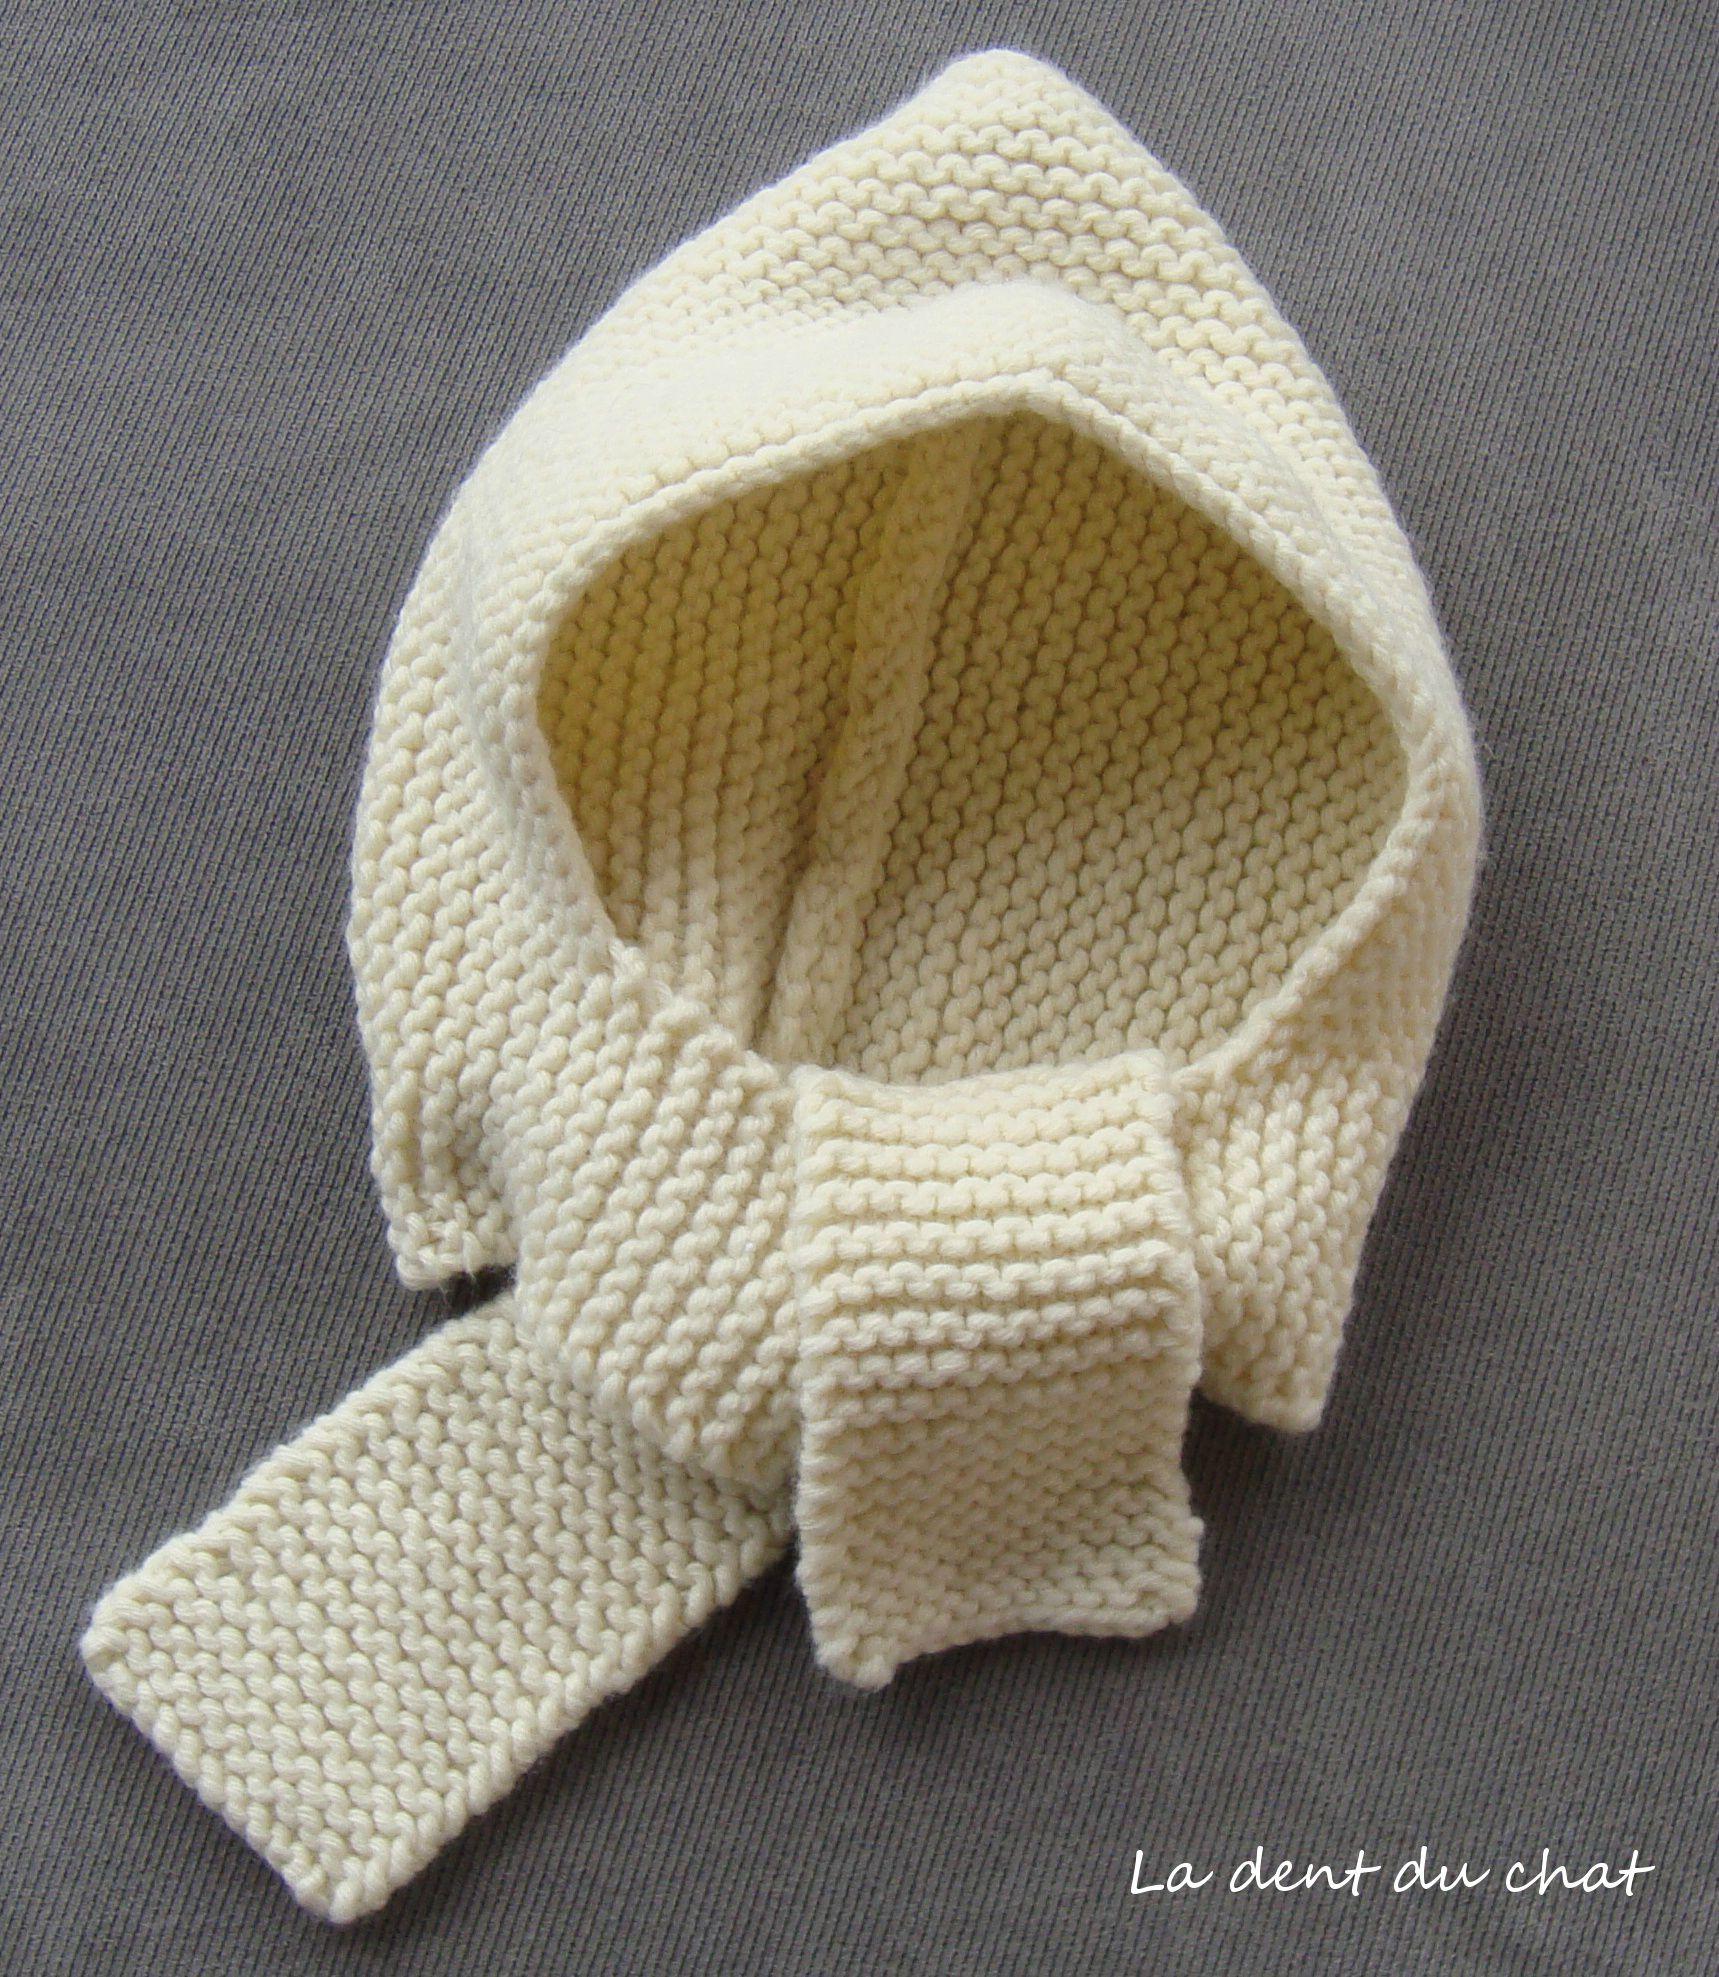 tricoter un bonnet echarpe. Black Bedroom Furniture Sets. Home Design Ideas